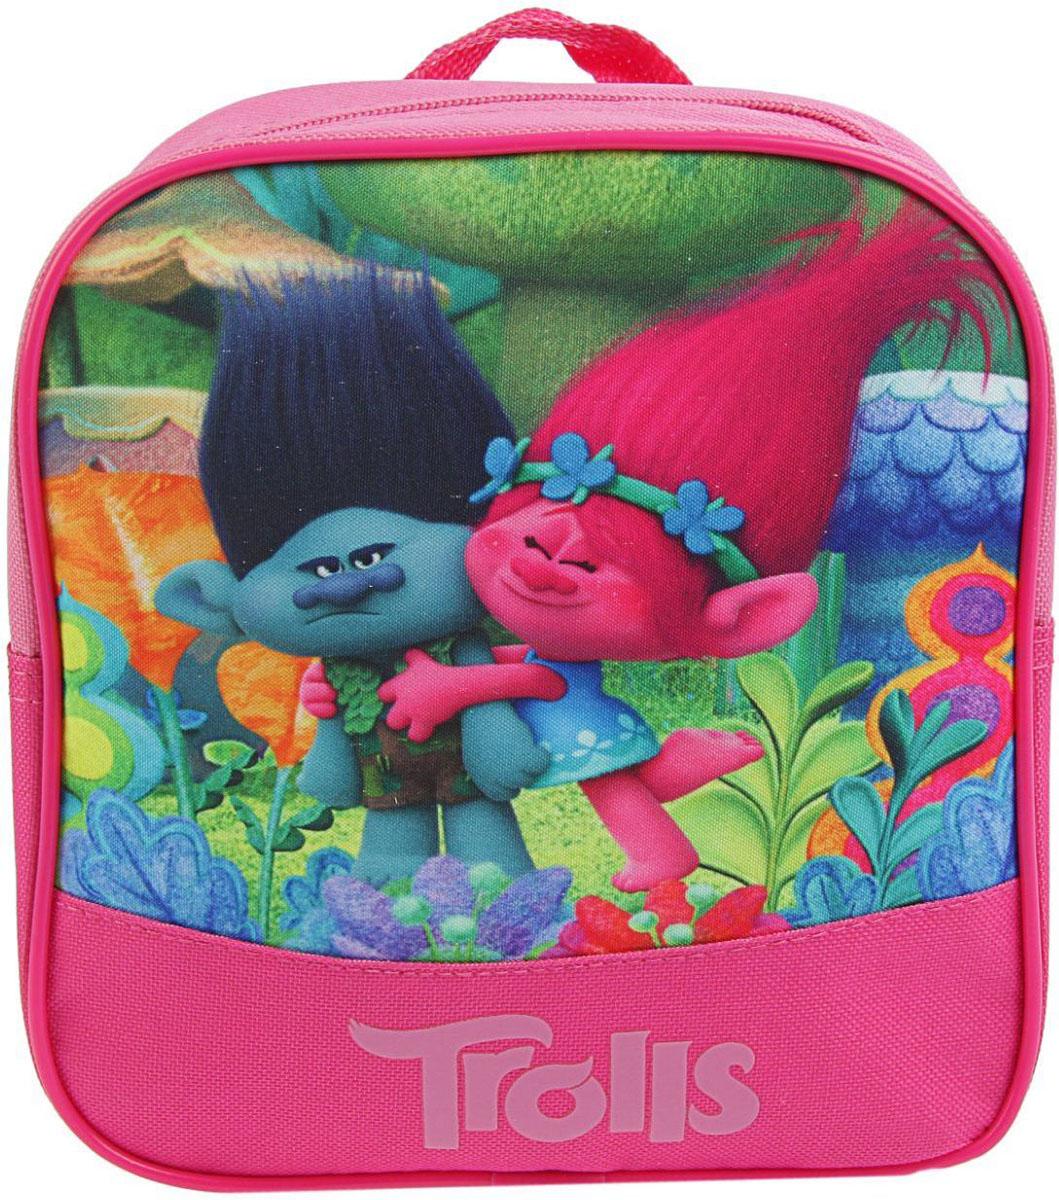 Trolls Рюкзак детский цвет розовый2379178Детский рюкзак Trolls имеет легкий вес, поэтому ребенку будет с ним очень удобно.Рюкзак содержит одно вместительное отделение на застежке-молнии. На лицевой стороне рюкзака изображены герои мультфильма Тролли - Розочка и Цветан. Рюкзак имеет петлю для подвешивания на крючок и удобные широкие мягкие лямки.Многофункциональный детский рюкзак станет незаменимым спутником вашего ребенка в жизни. В рюкзак можно положить как игрушки, так и спортивную форму.